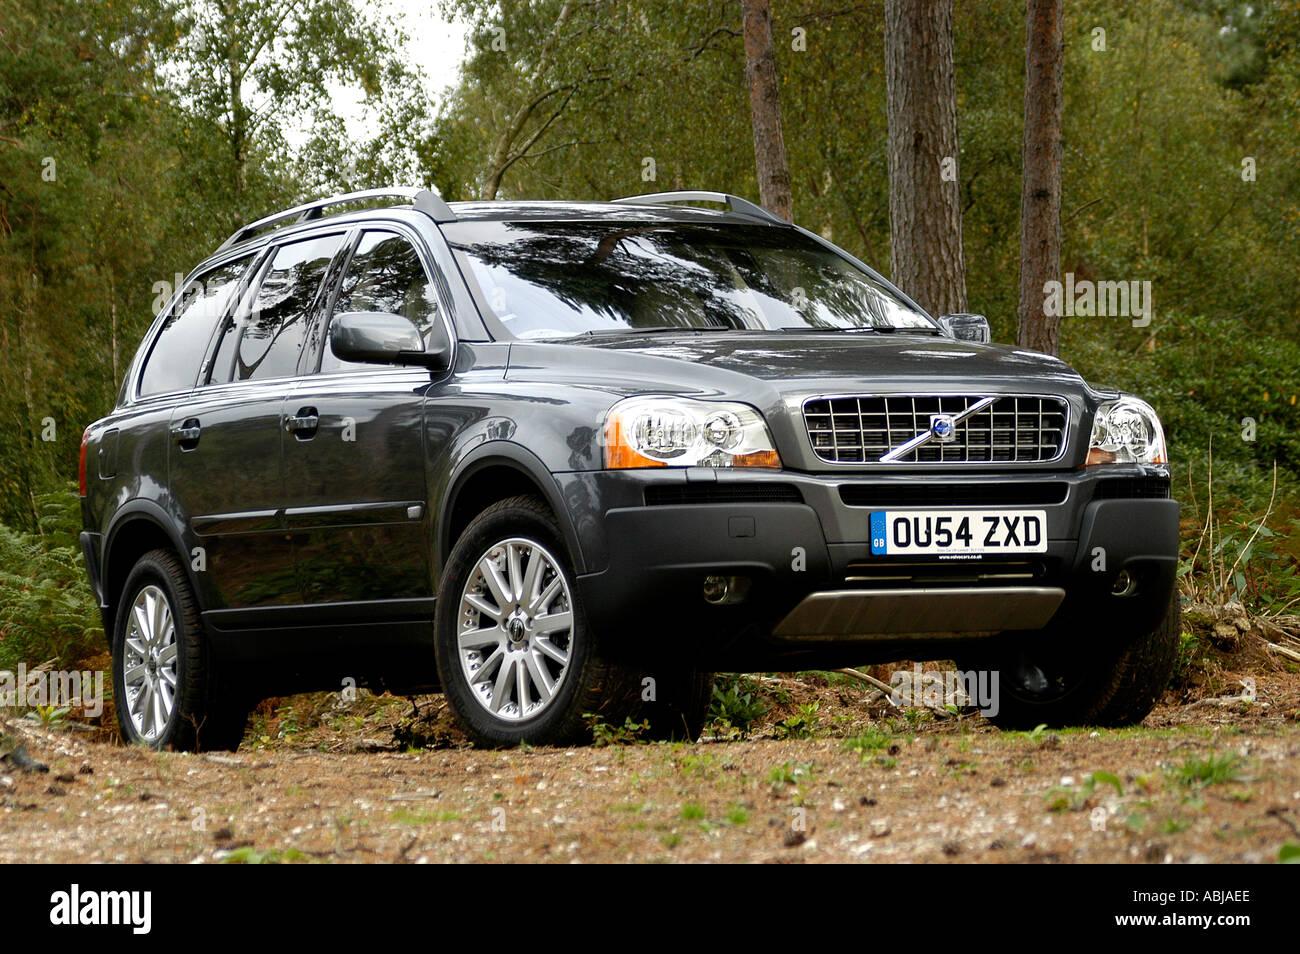 2004 Volvo Xc90 Stock Photo Alamy